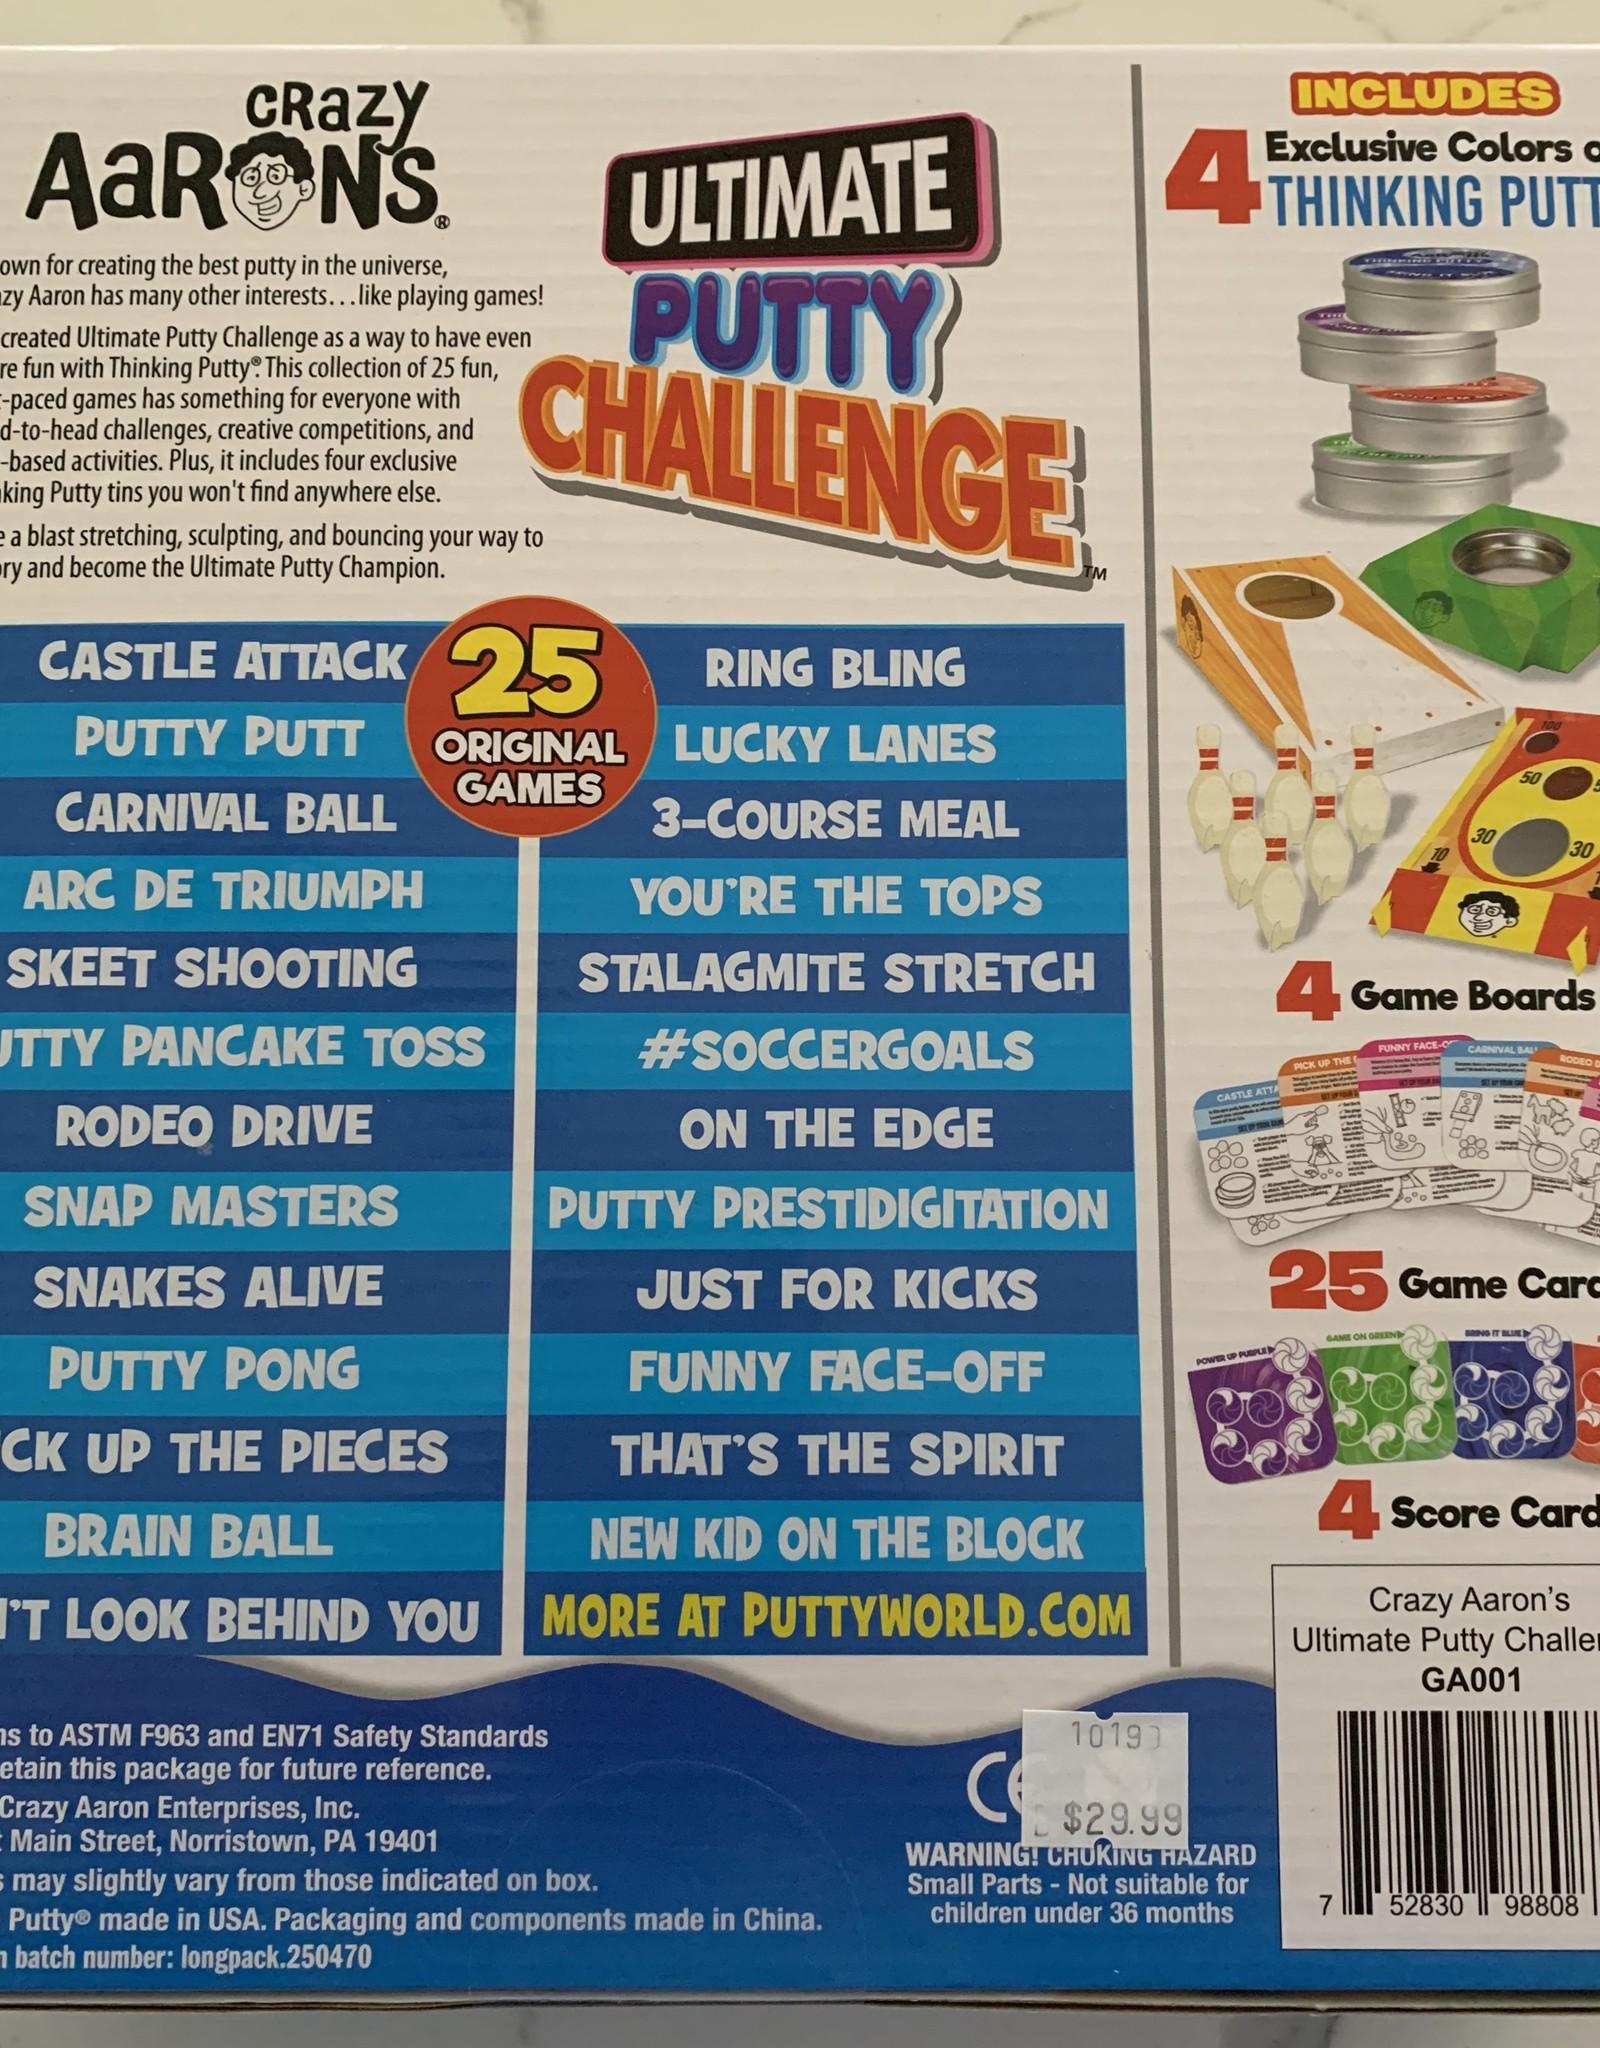 CRAZY AARON ENTERPRISES Crazy Aaron's Ultimate Putty Challenge Game